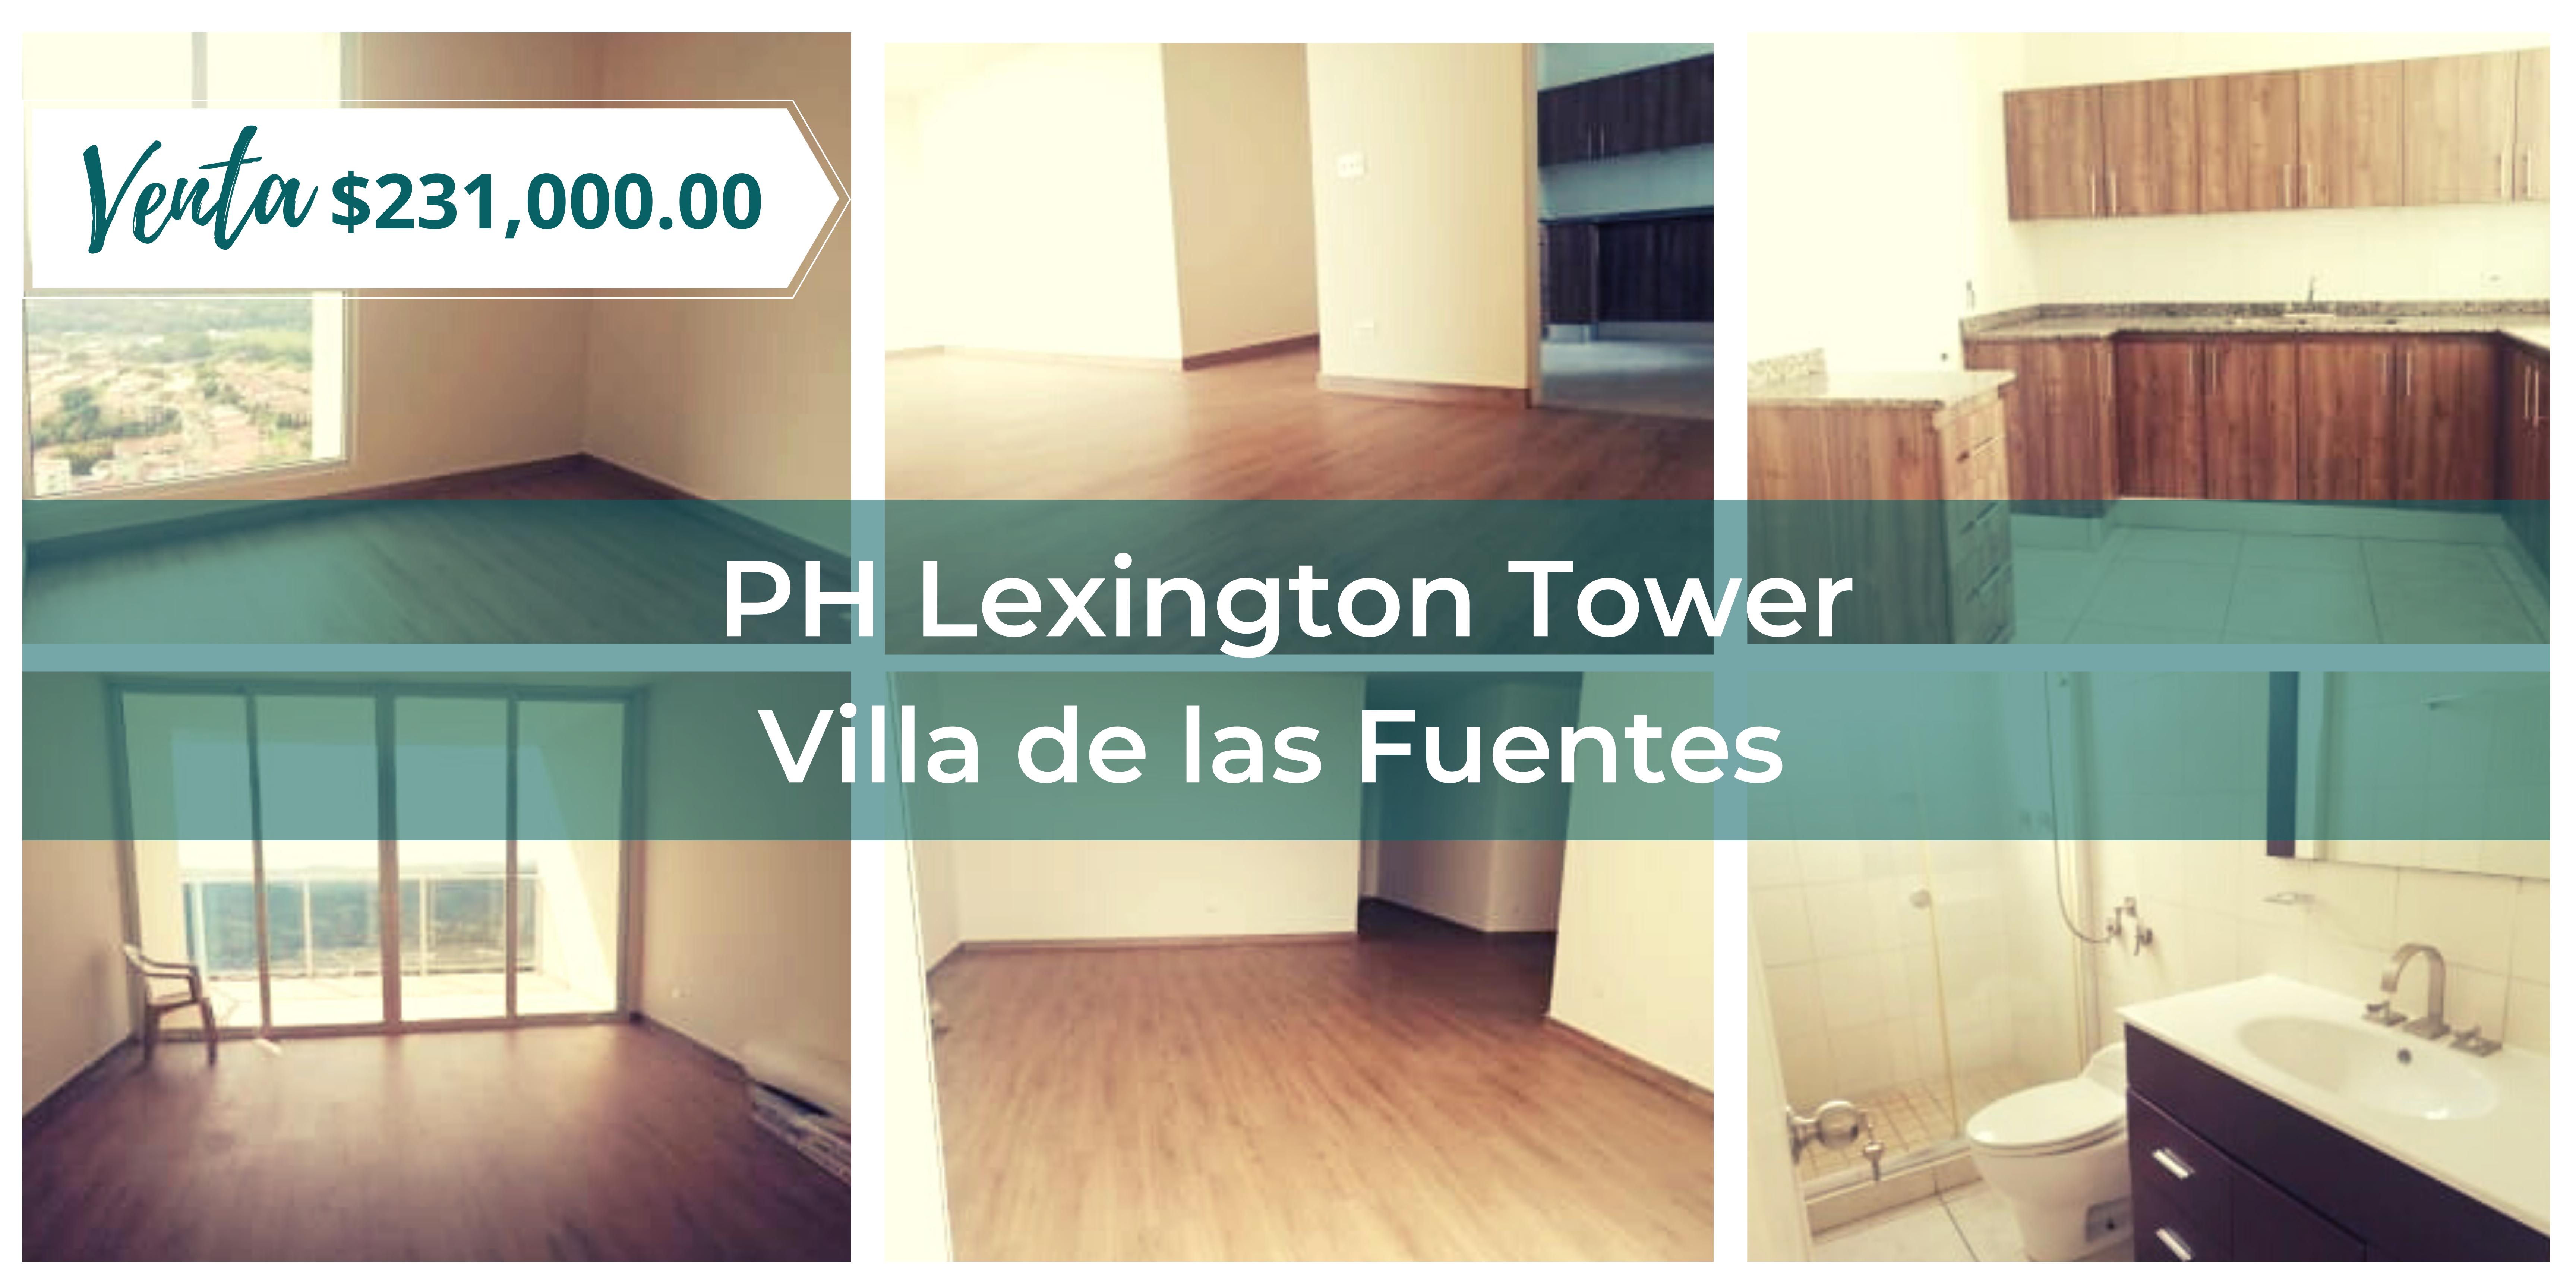 PH LEXINGTON TOWER  Villa de las Fuentes